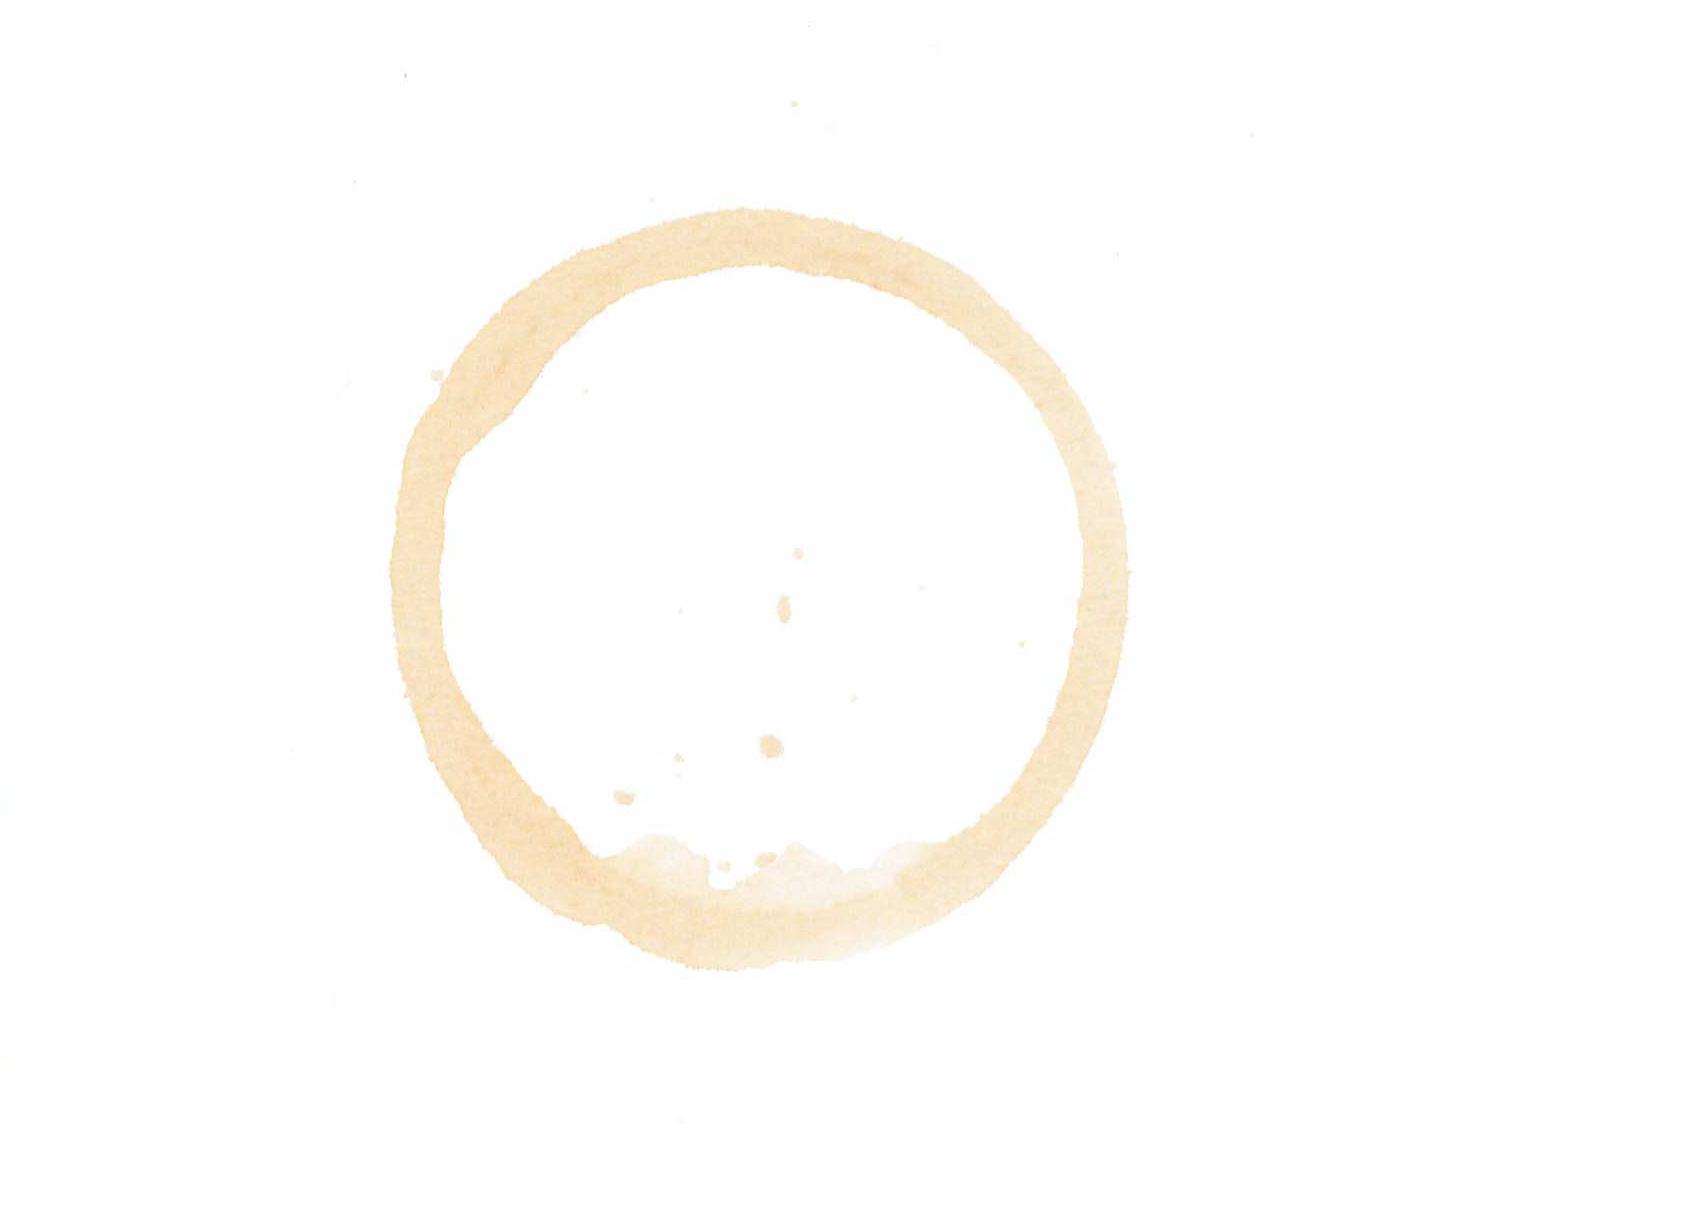 coffeerings-jpg_0001b.jpg